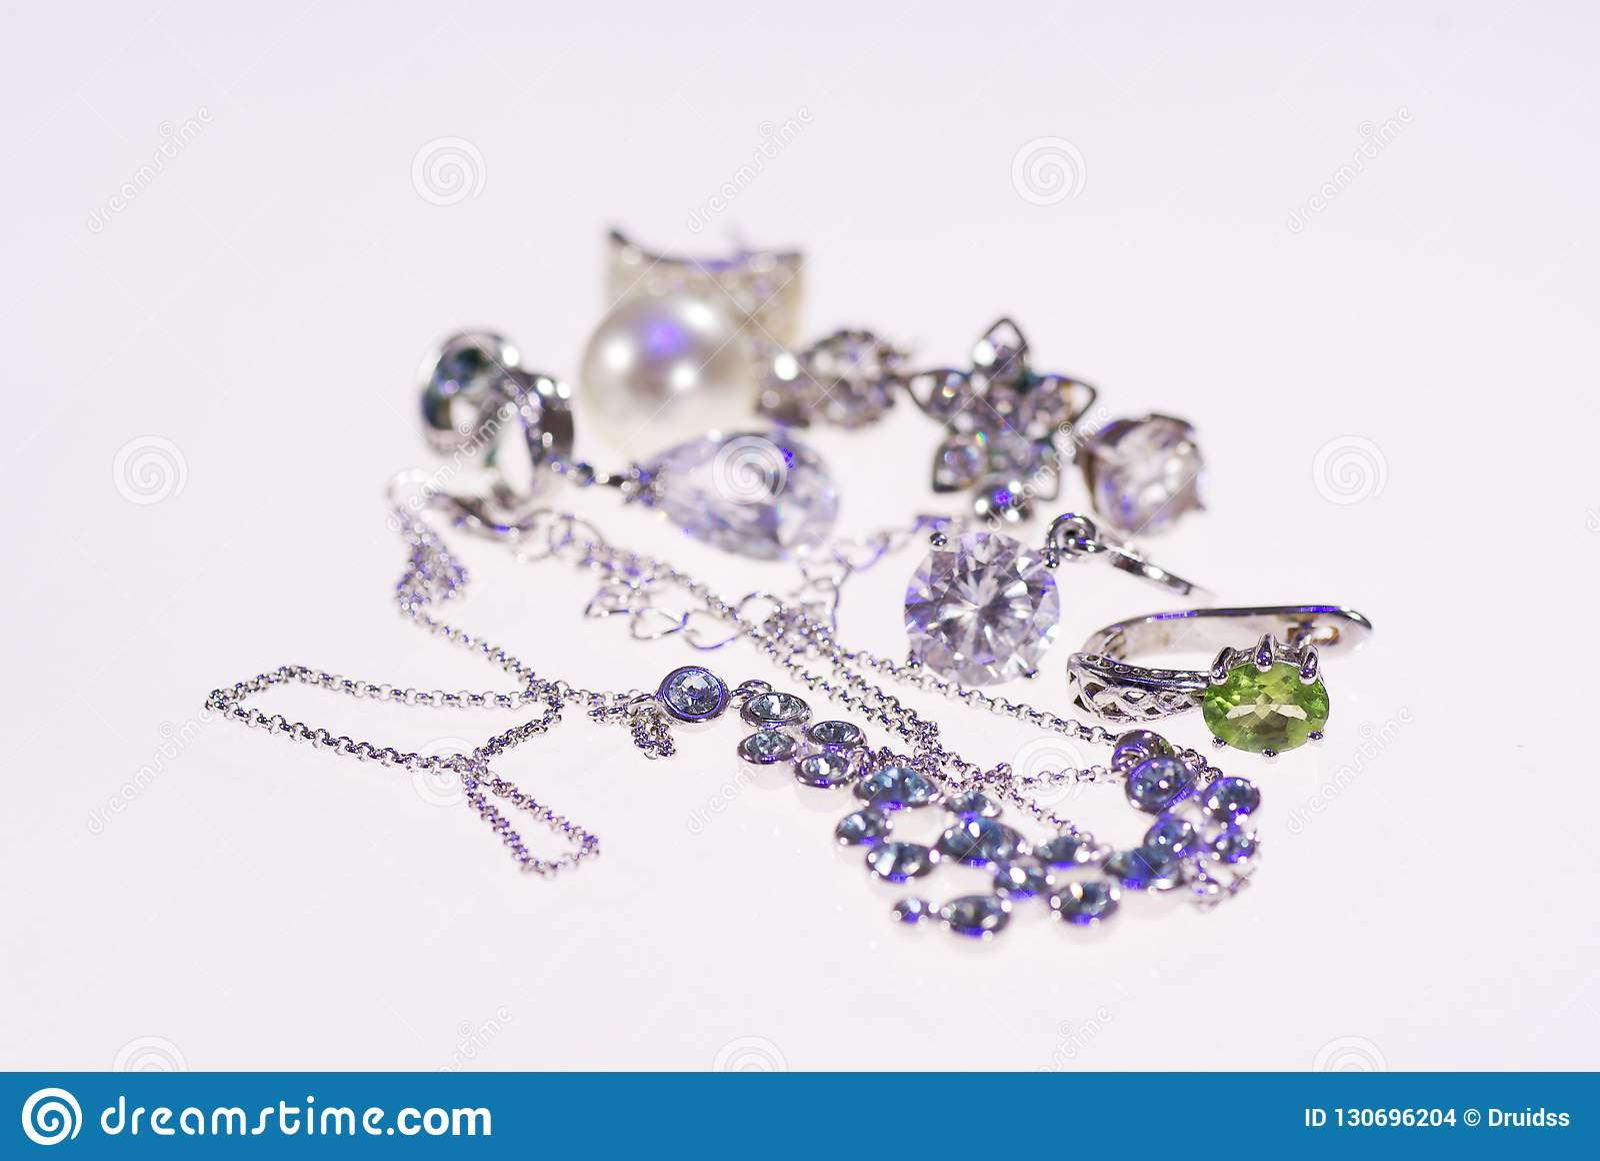 Foto van juwelenoorringen en kettingen